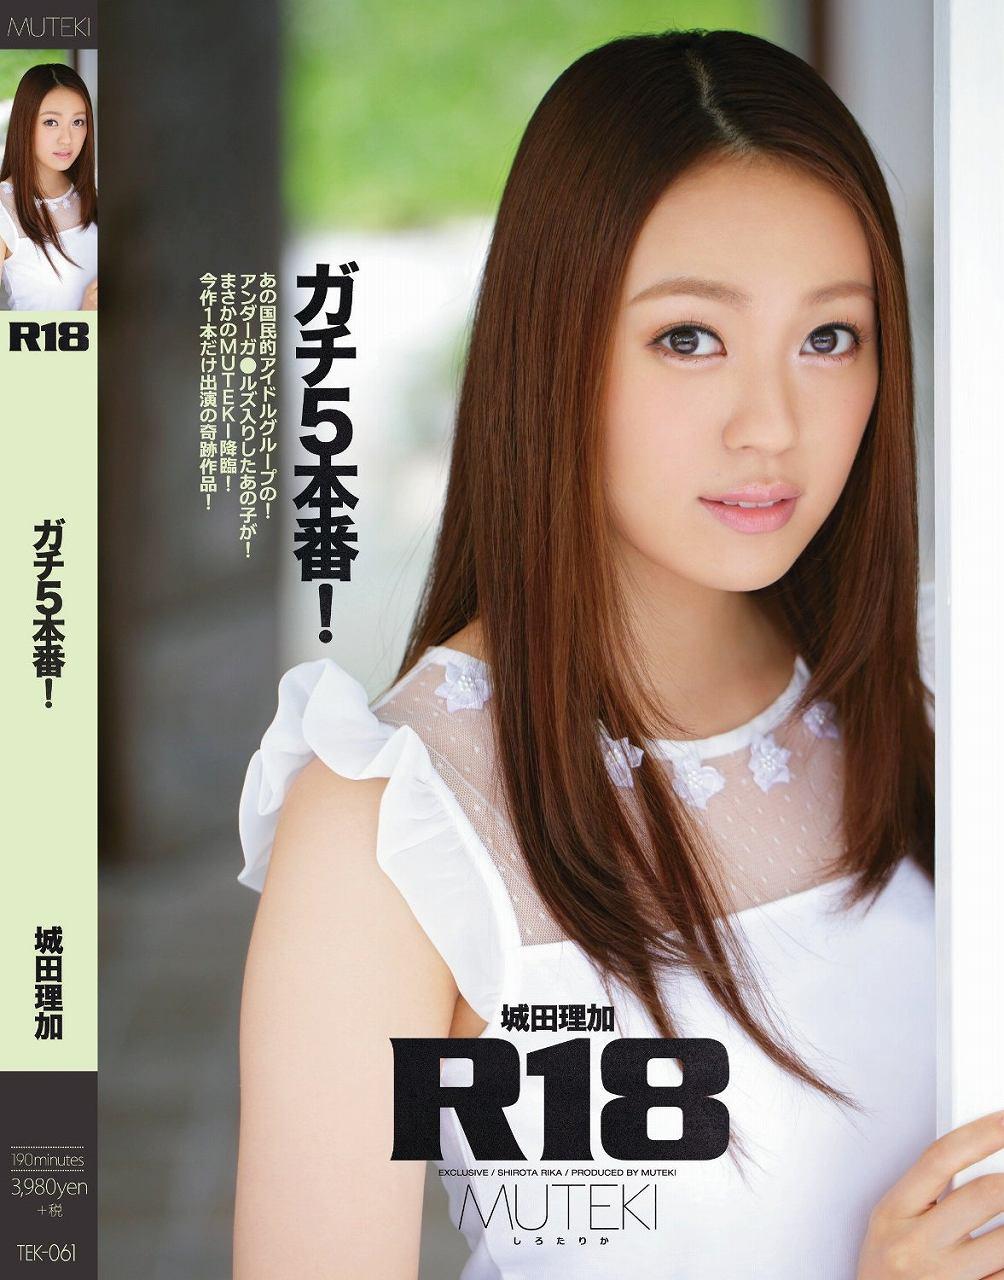 城田理加のAV「R18 ガチ5本番! 城田理加 MUTEKI」パッケージ写真